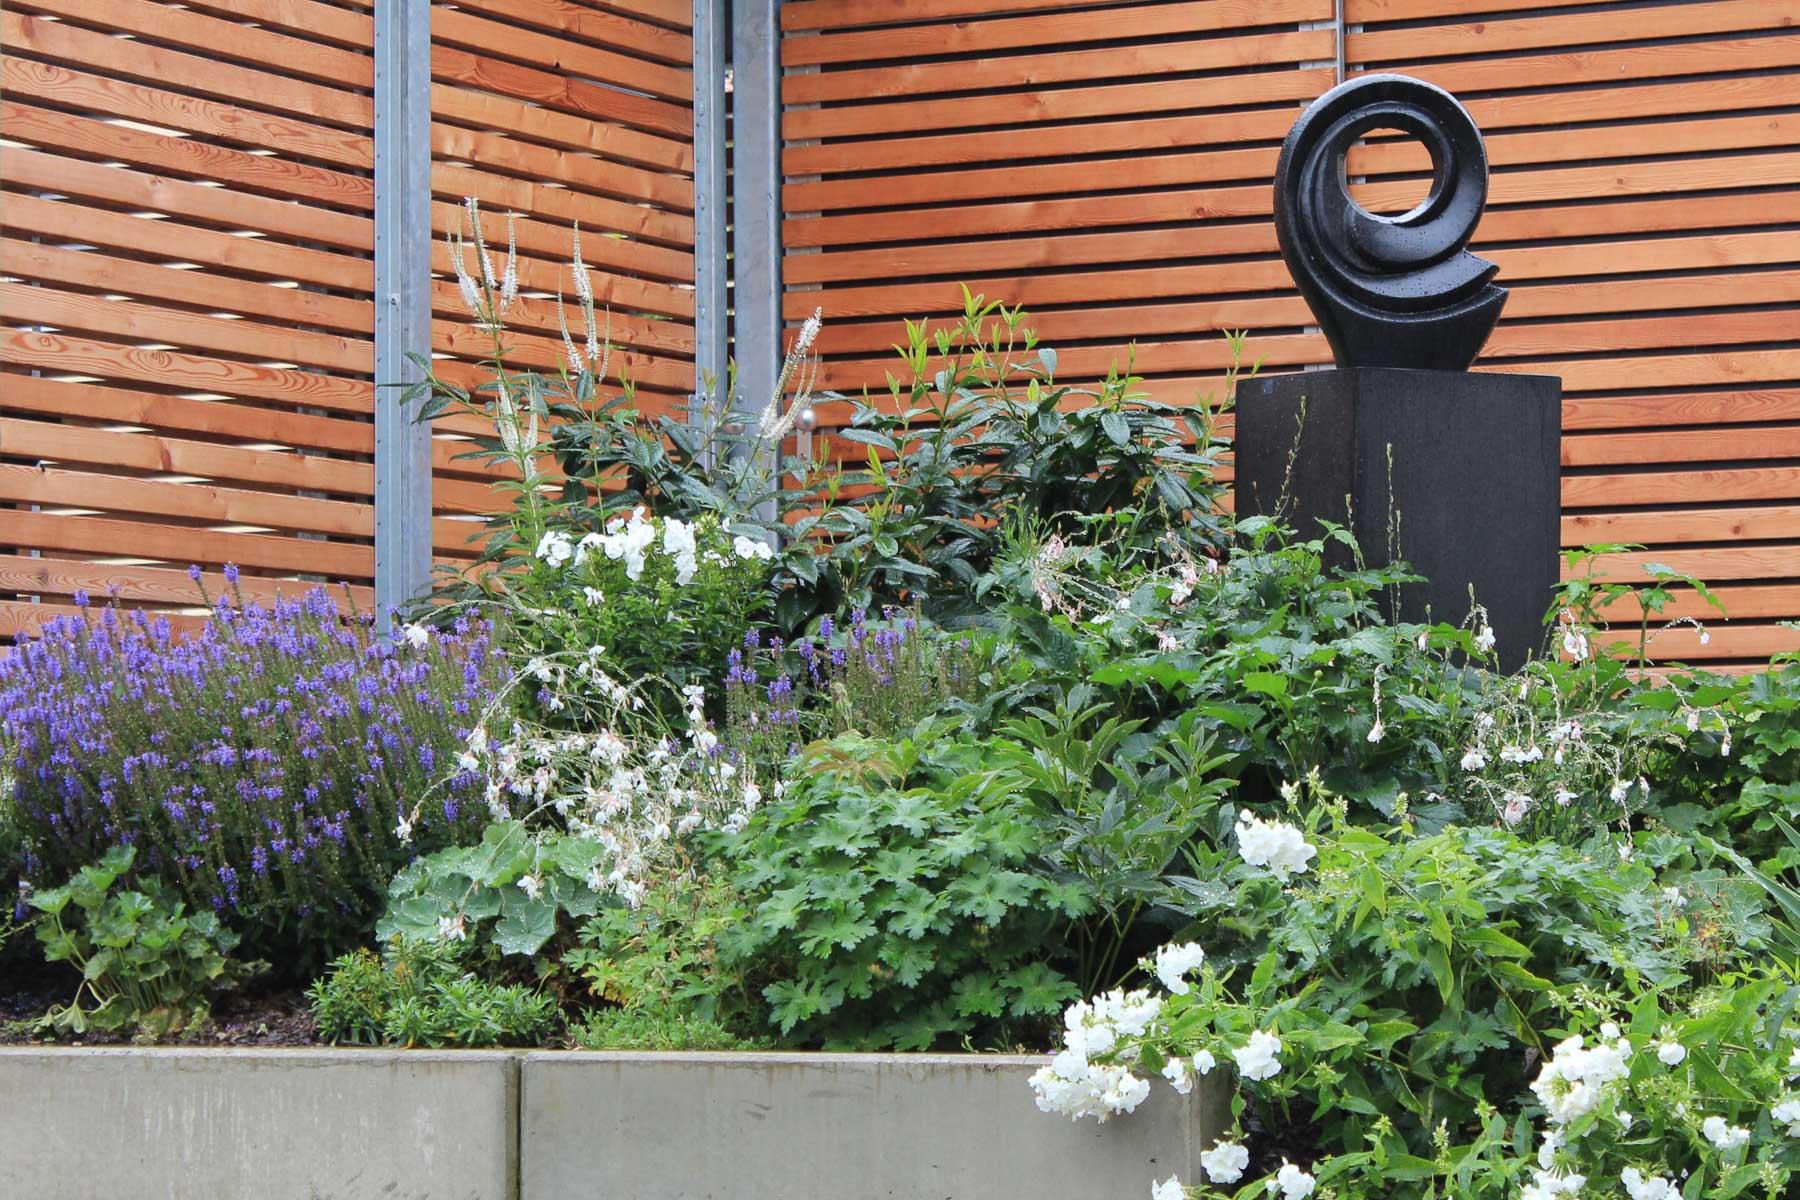 Das gewisse Extra im Garten: schwarze Skulptur als Blickpunkt